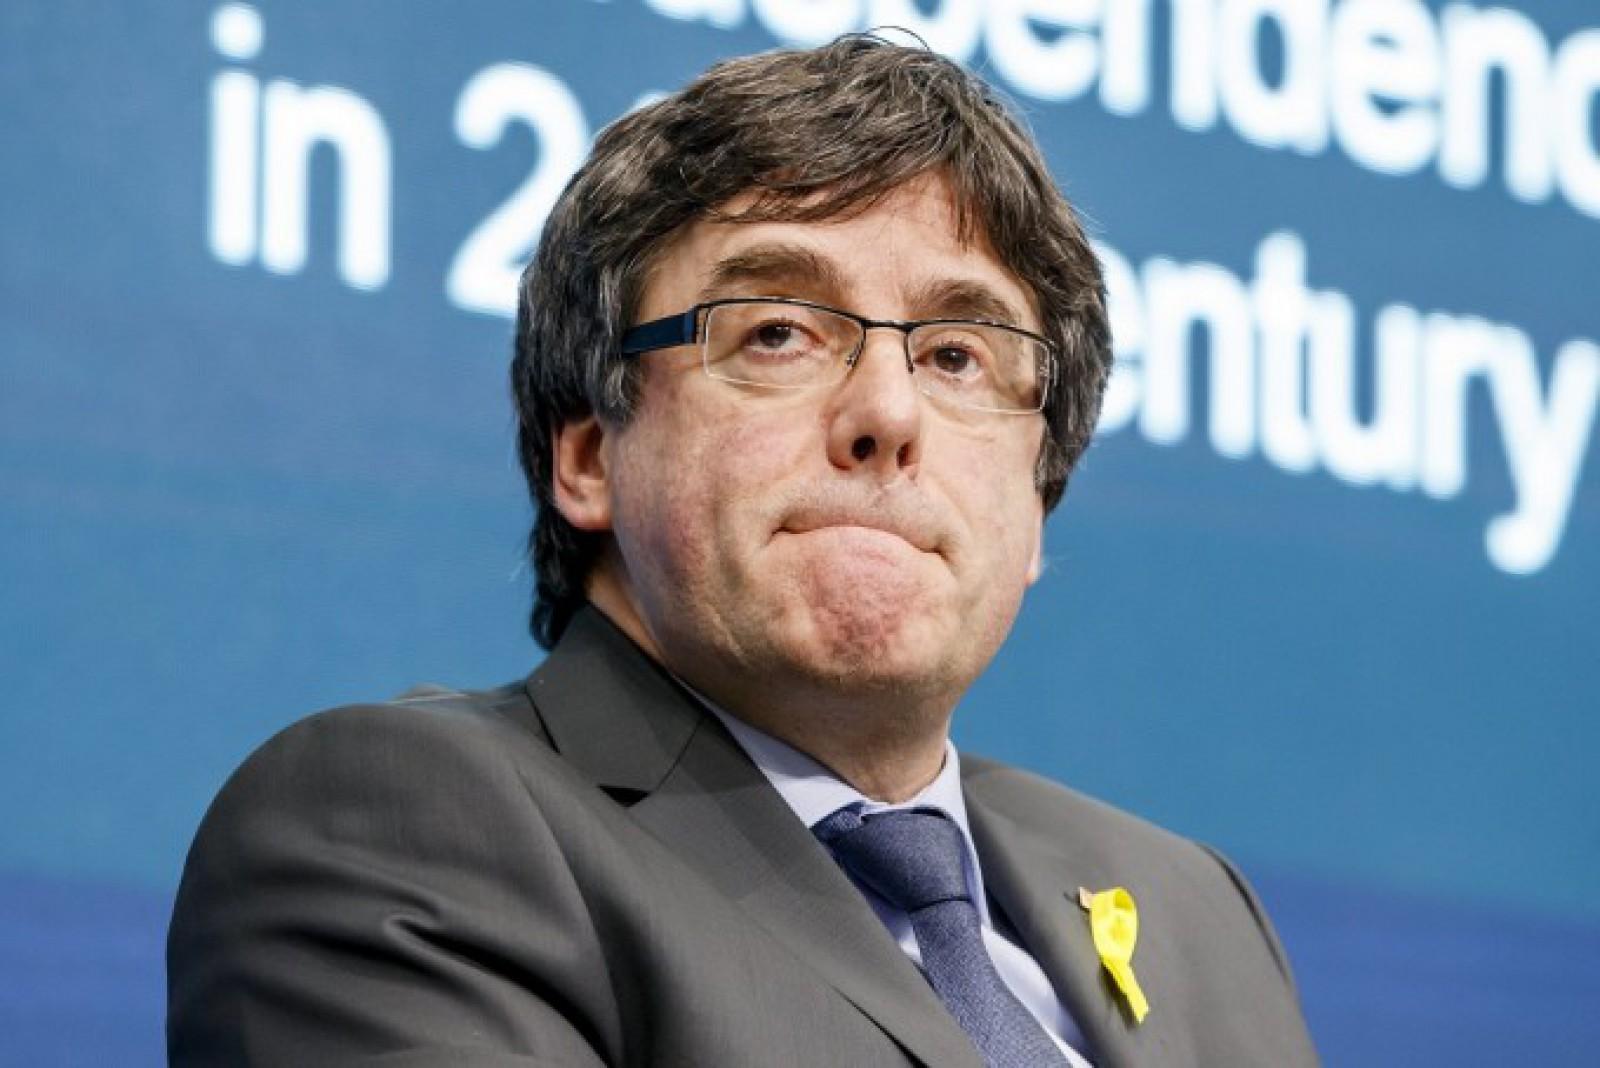 Justiția germană a decis extrădarea fostului lider catalan, Carles Puigdemont